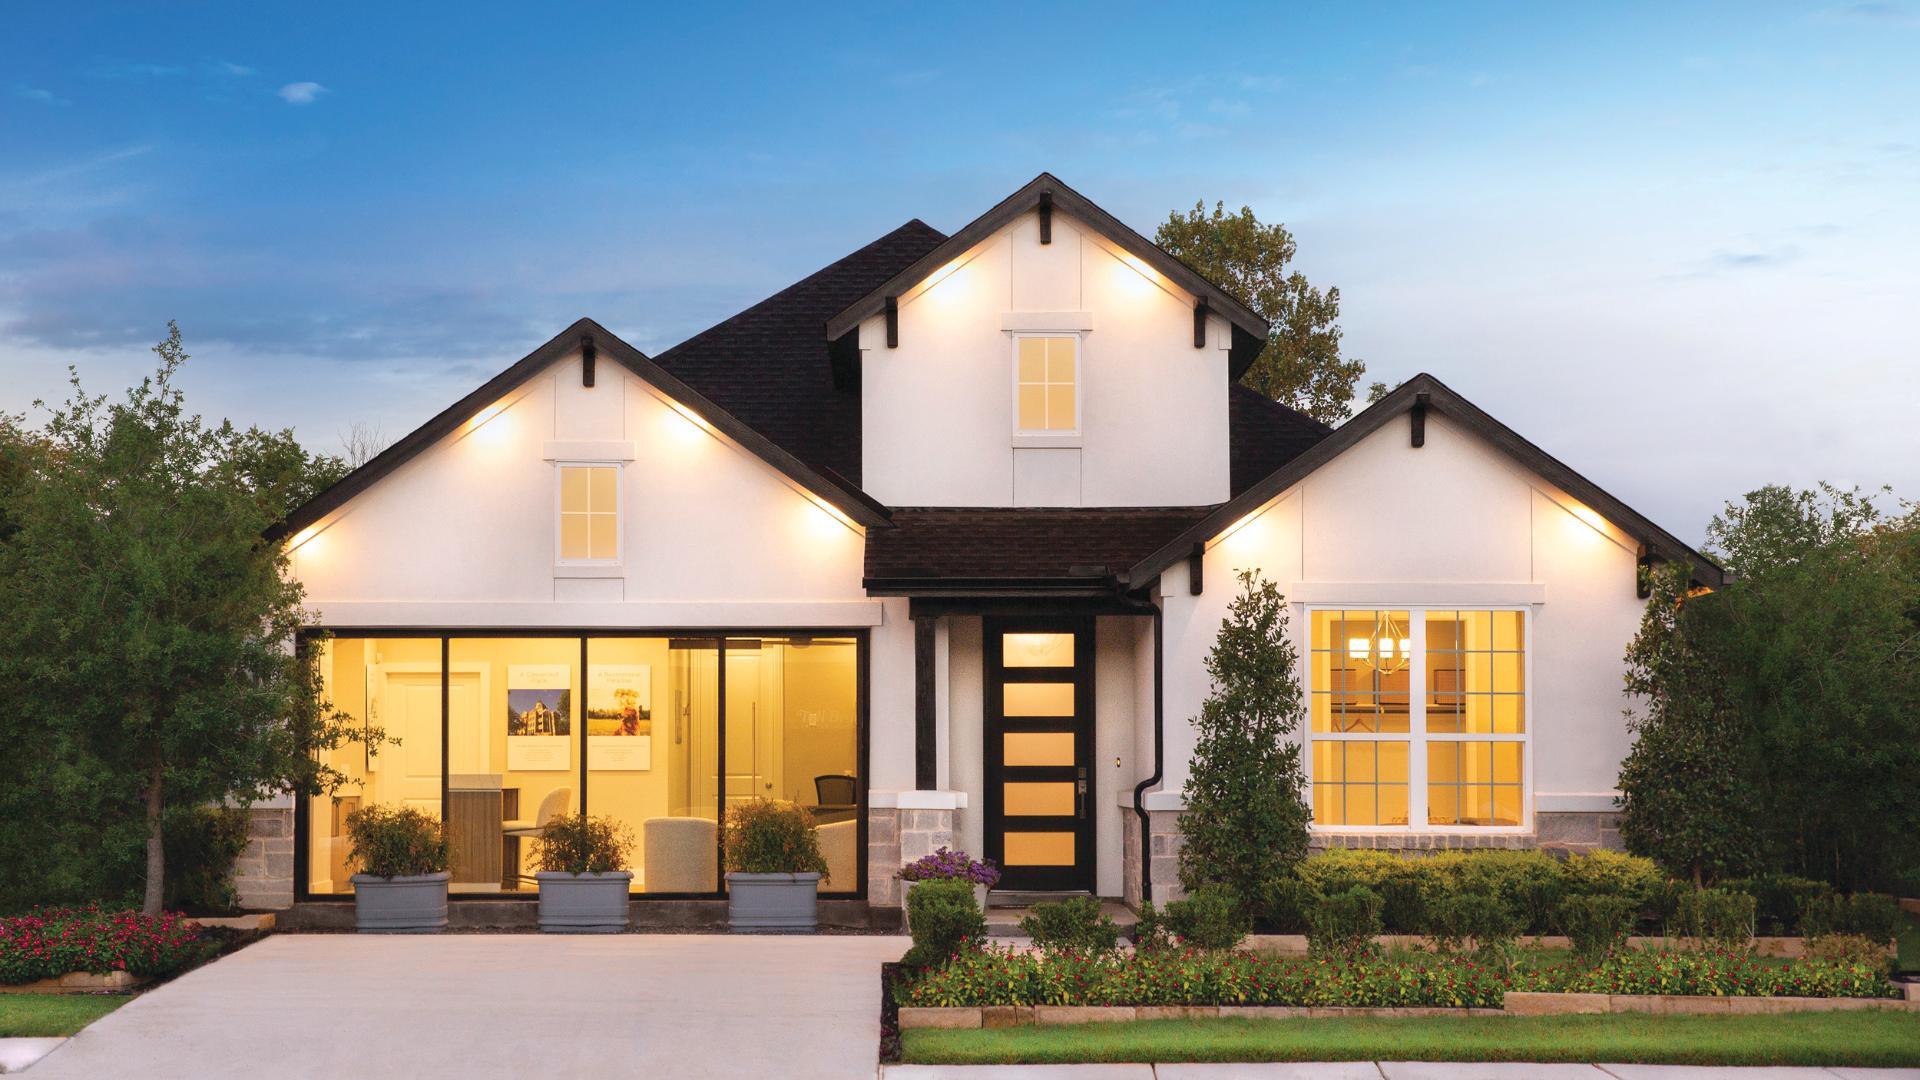 Corinna Model Home in Denton, TX